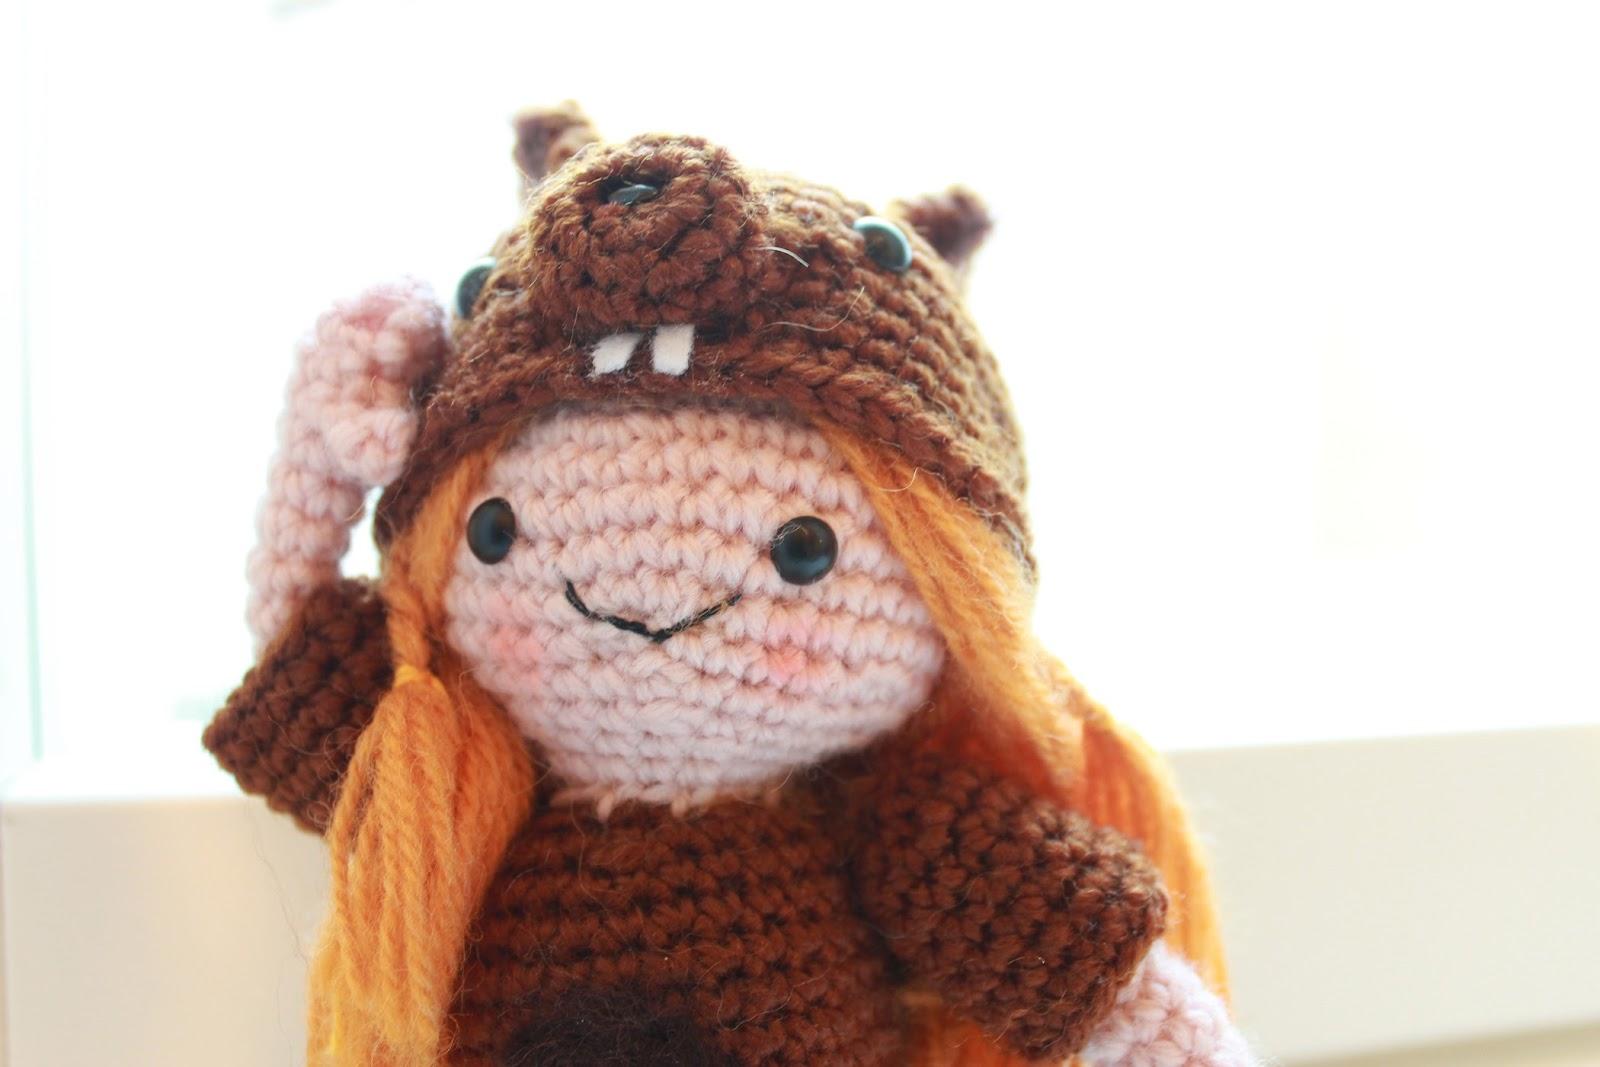 Amigurumi Cute Chick Free Crochet Pattern - Amigurumi Free Pattern ... | 1067x1600